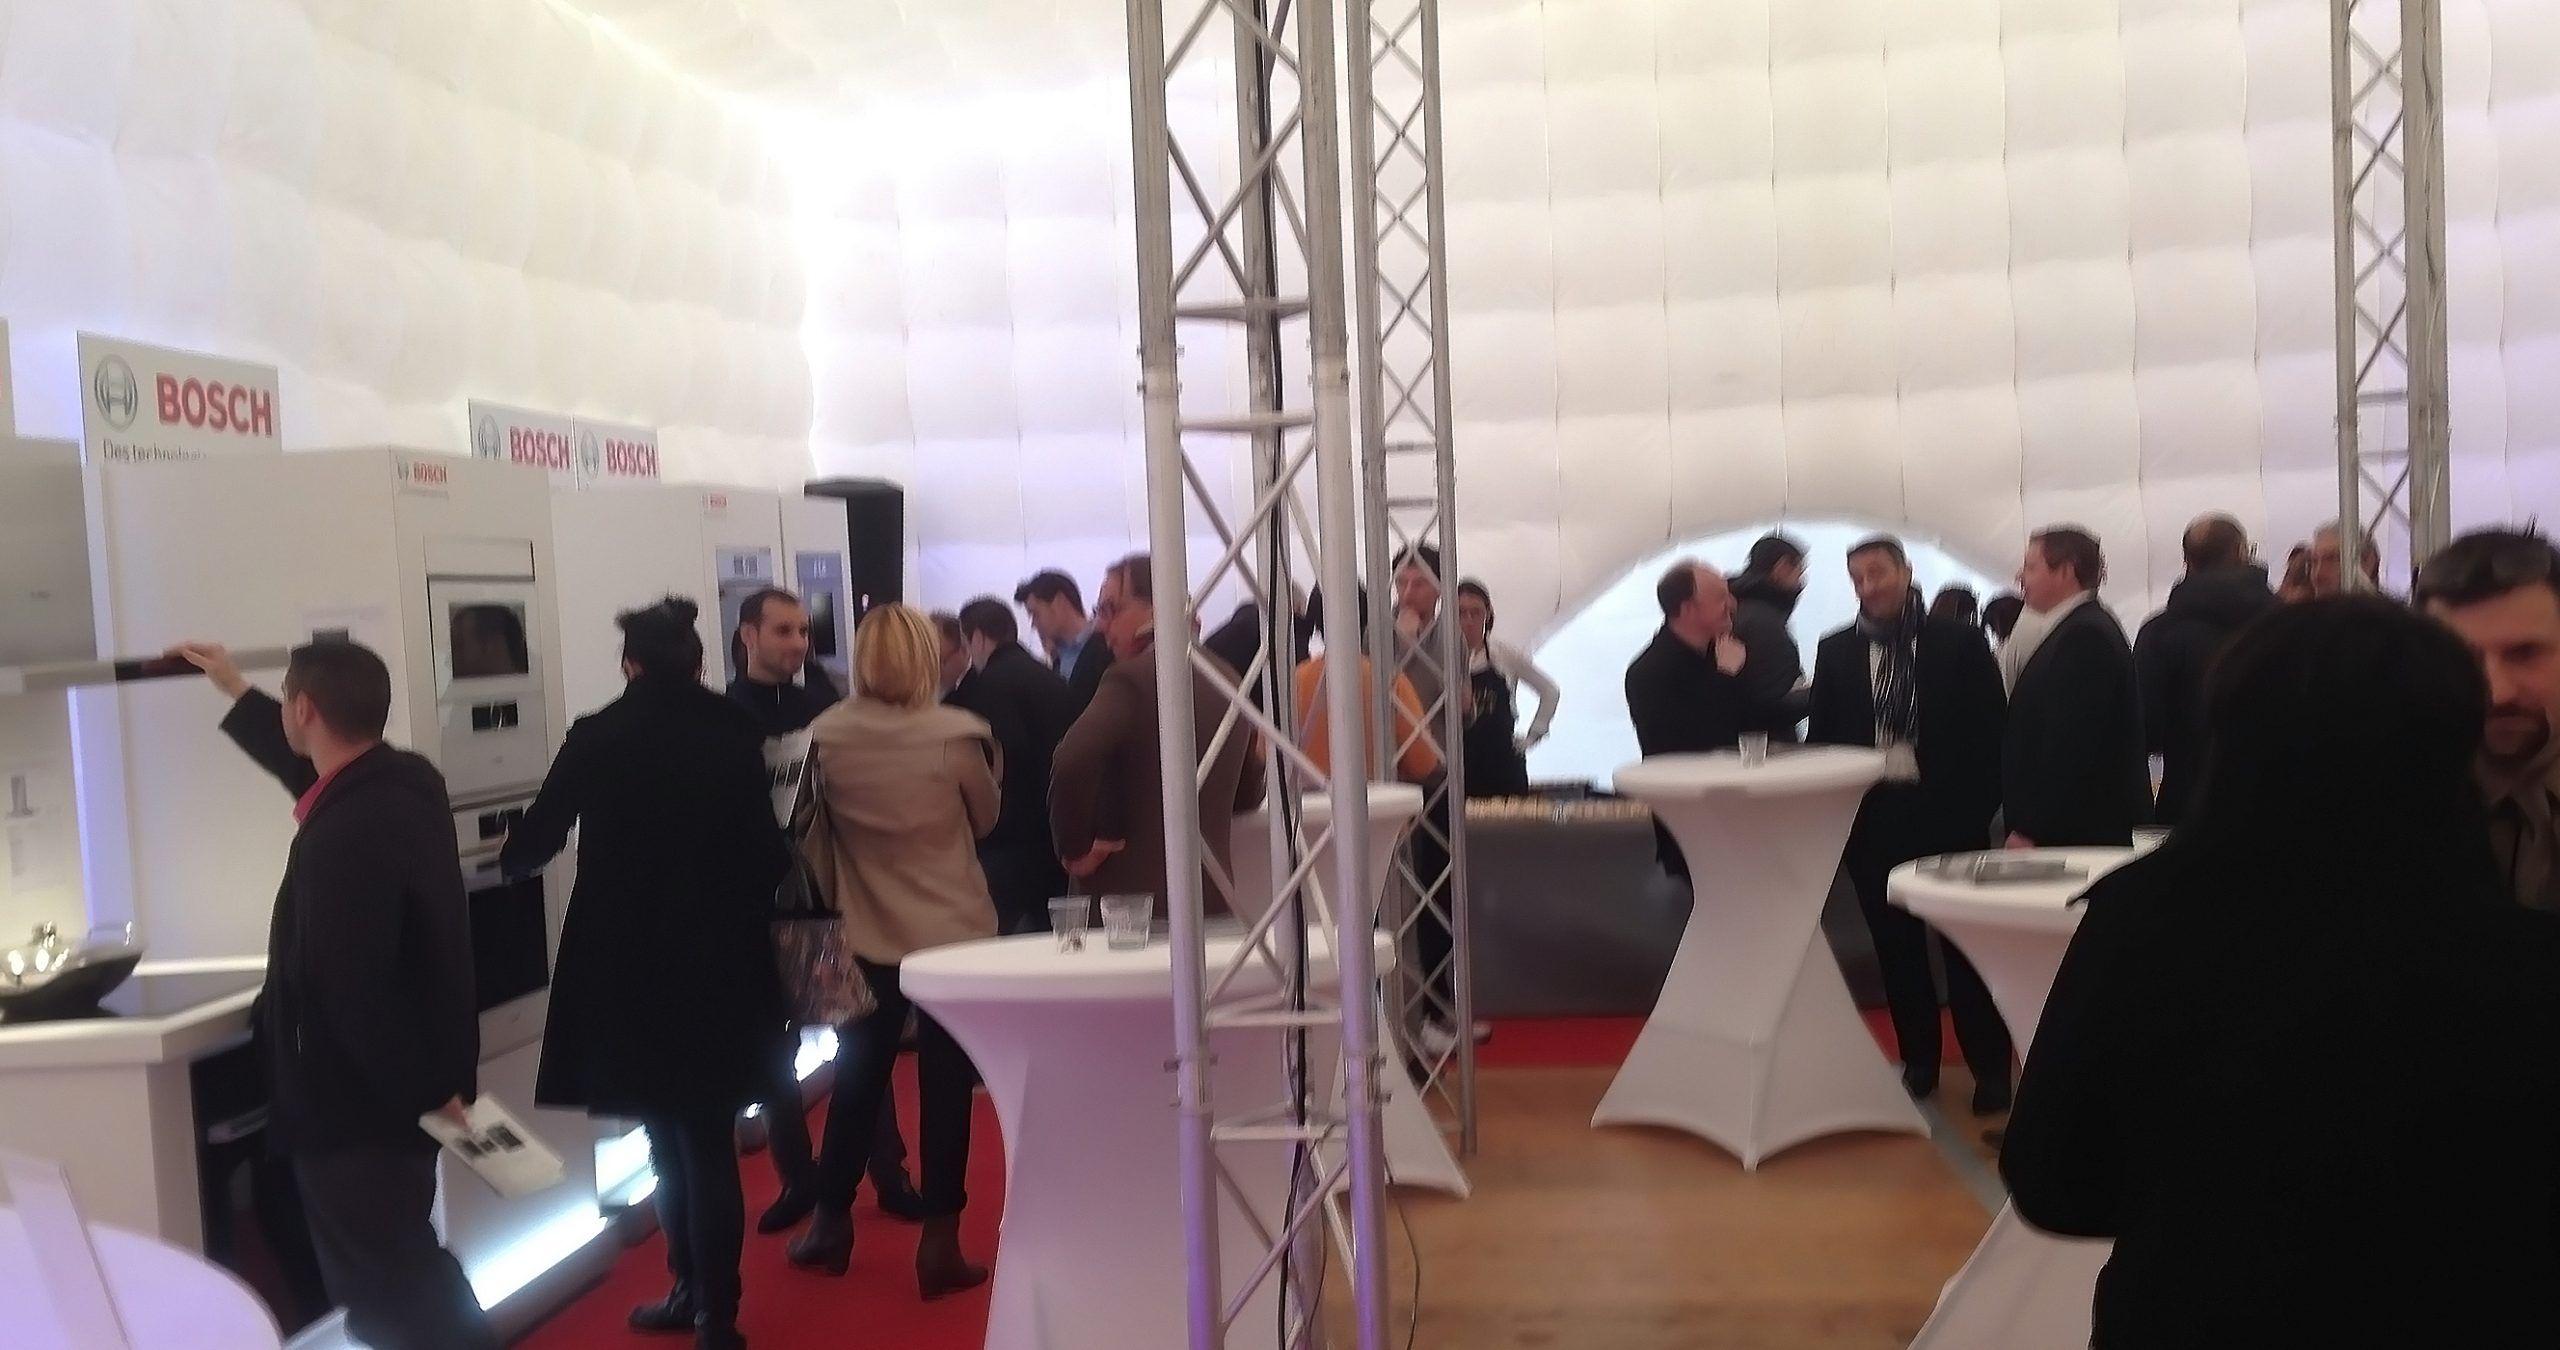 Agence Événementielle Toulouse Showroom siemens bosch foire exposition Onlyevent 2 scaled